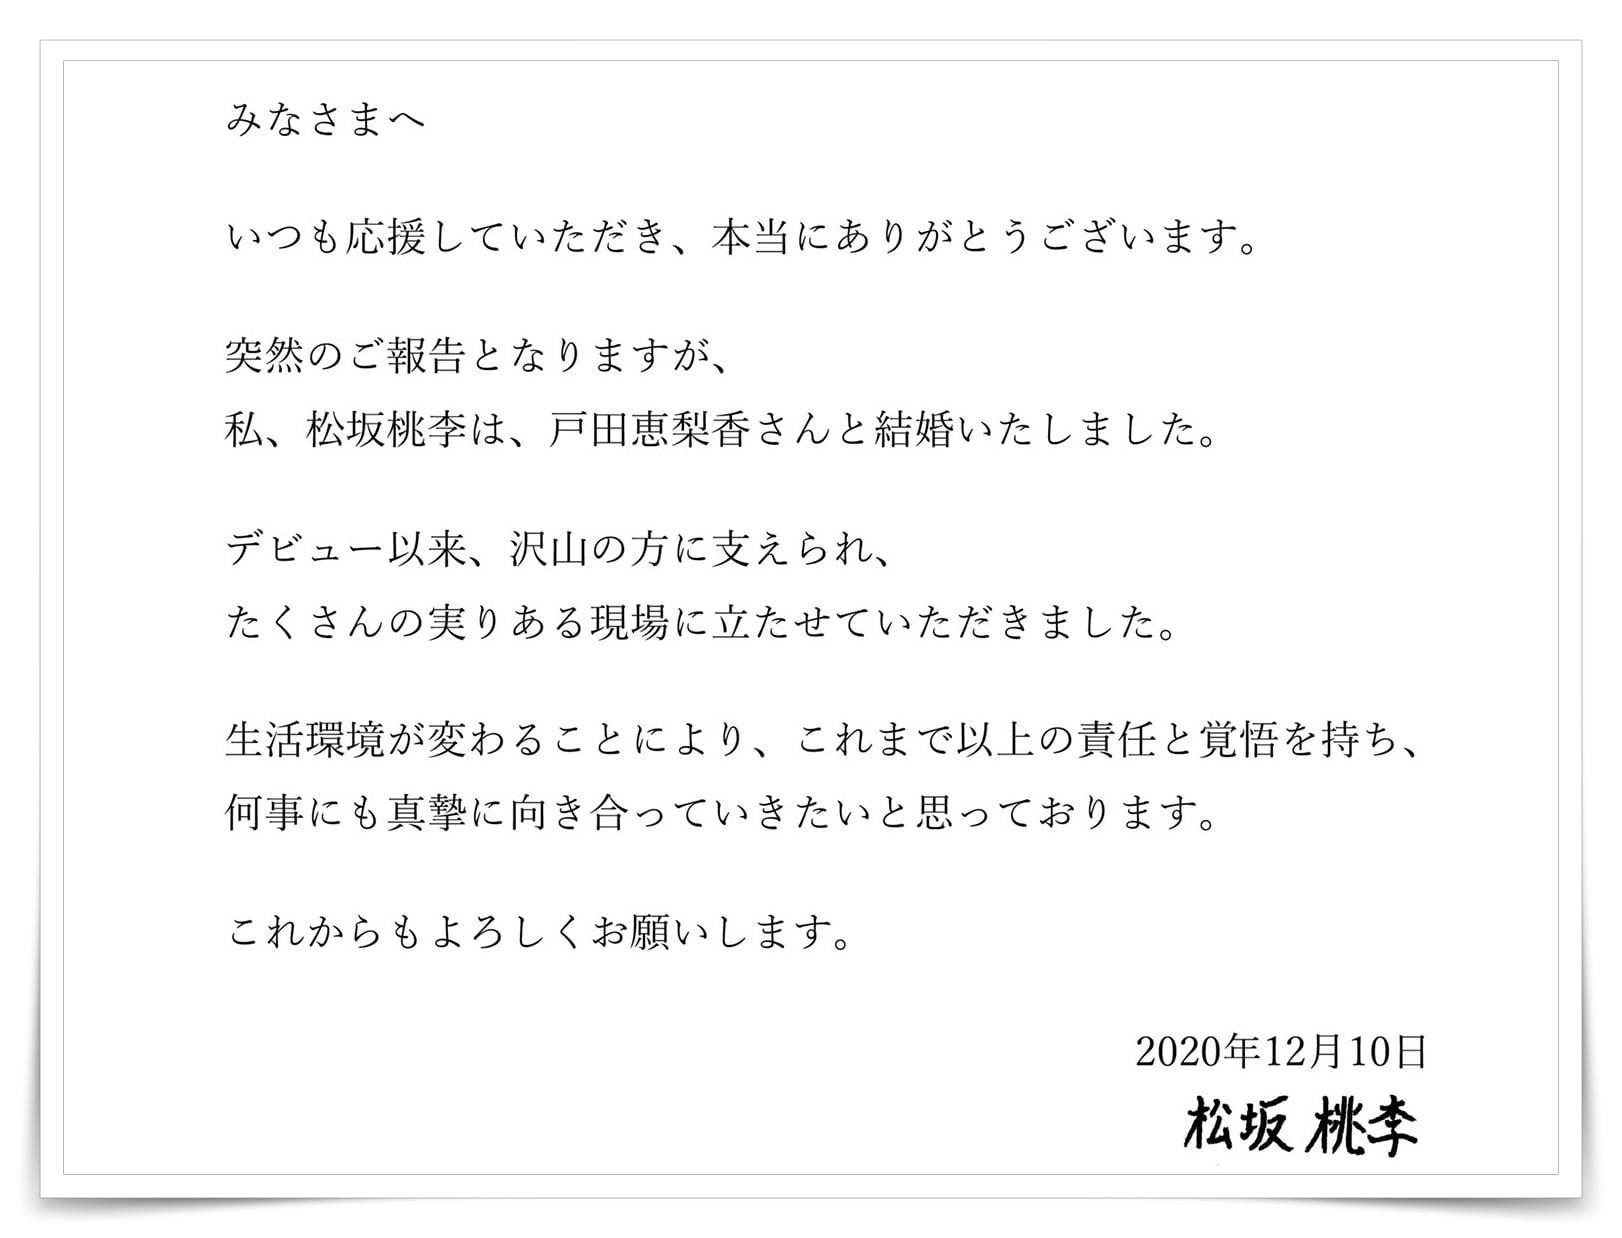 松坂桃李の歴代彼女、恋愛遍歴画像